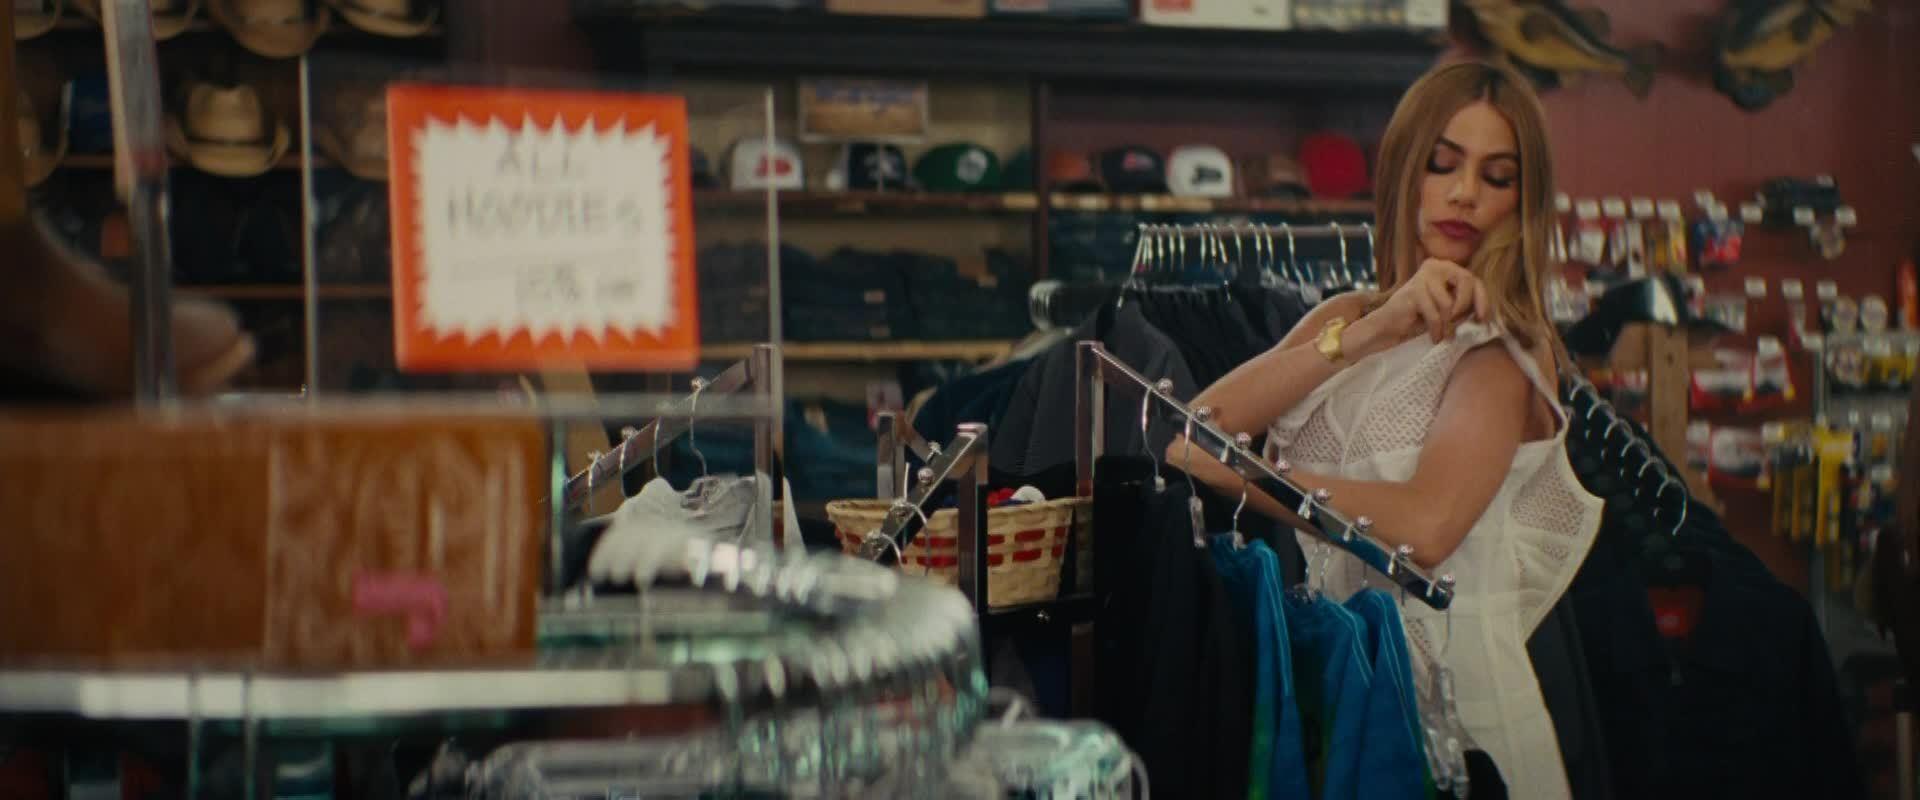 celebs, watchitfortheplot, Sofia Vergara in 'Hot Pursuit (2015)' GIFs